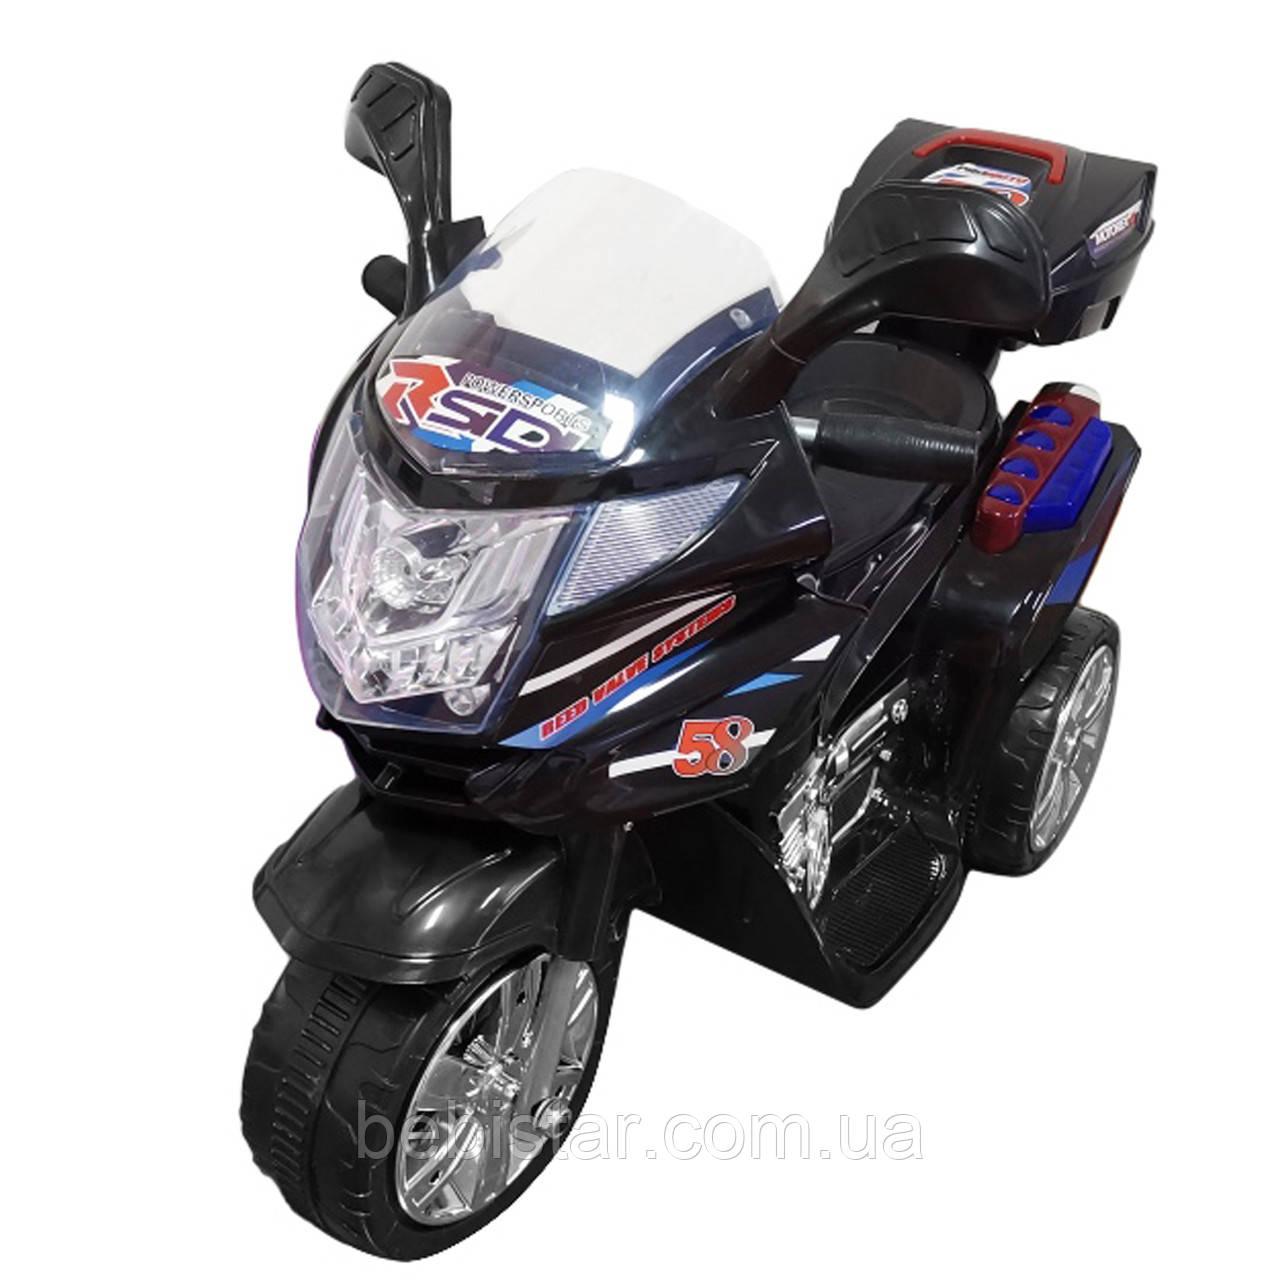 Детский электромобиль мотоцикл трехколесный черный аккумулятор 6V4,5AH от 3 до 5 лет рост до 105см